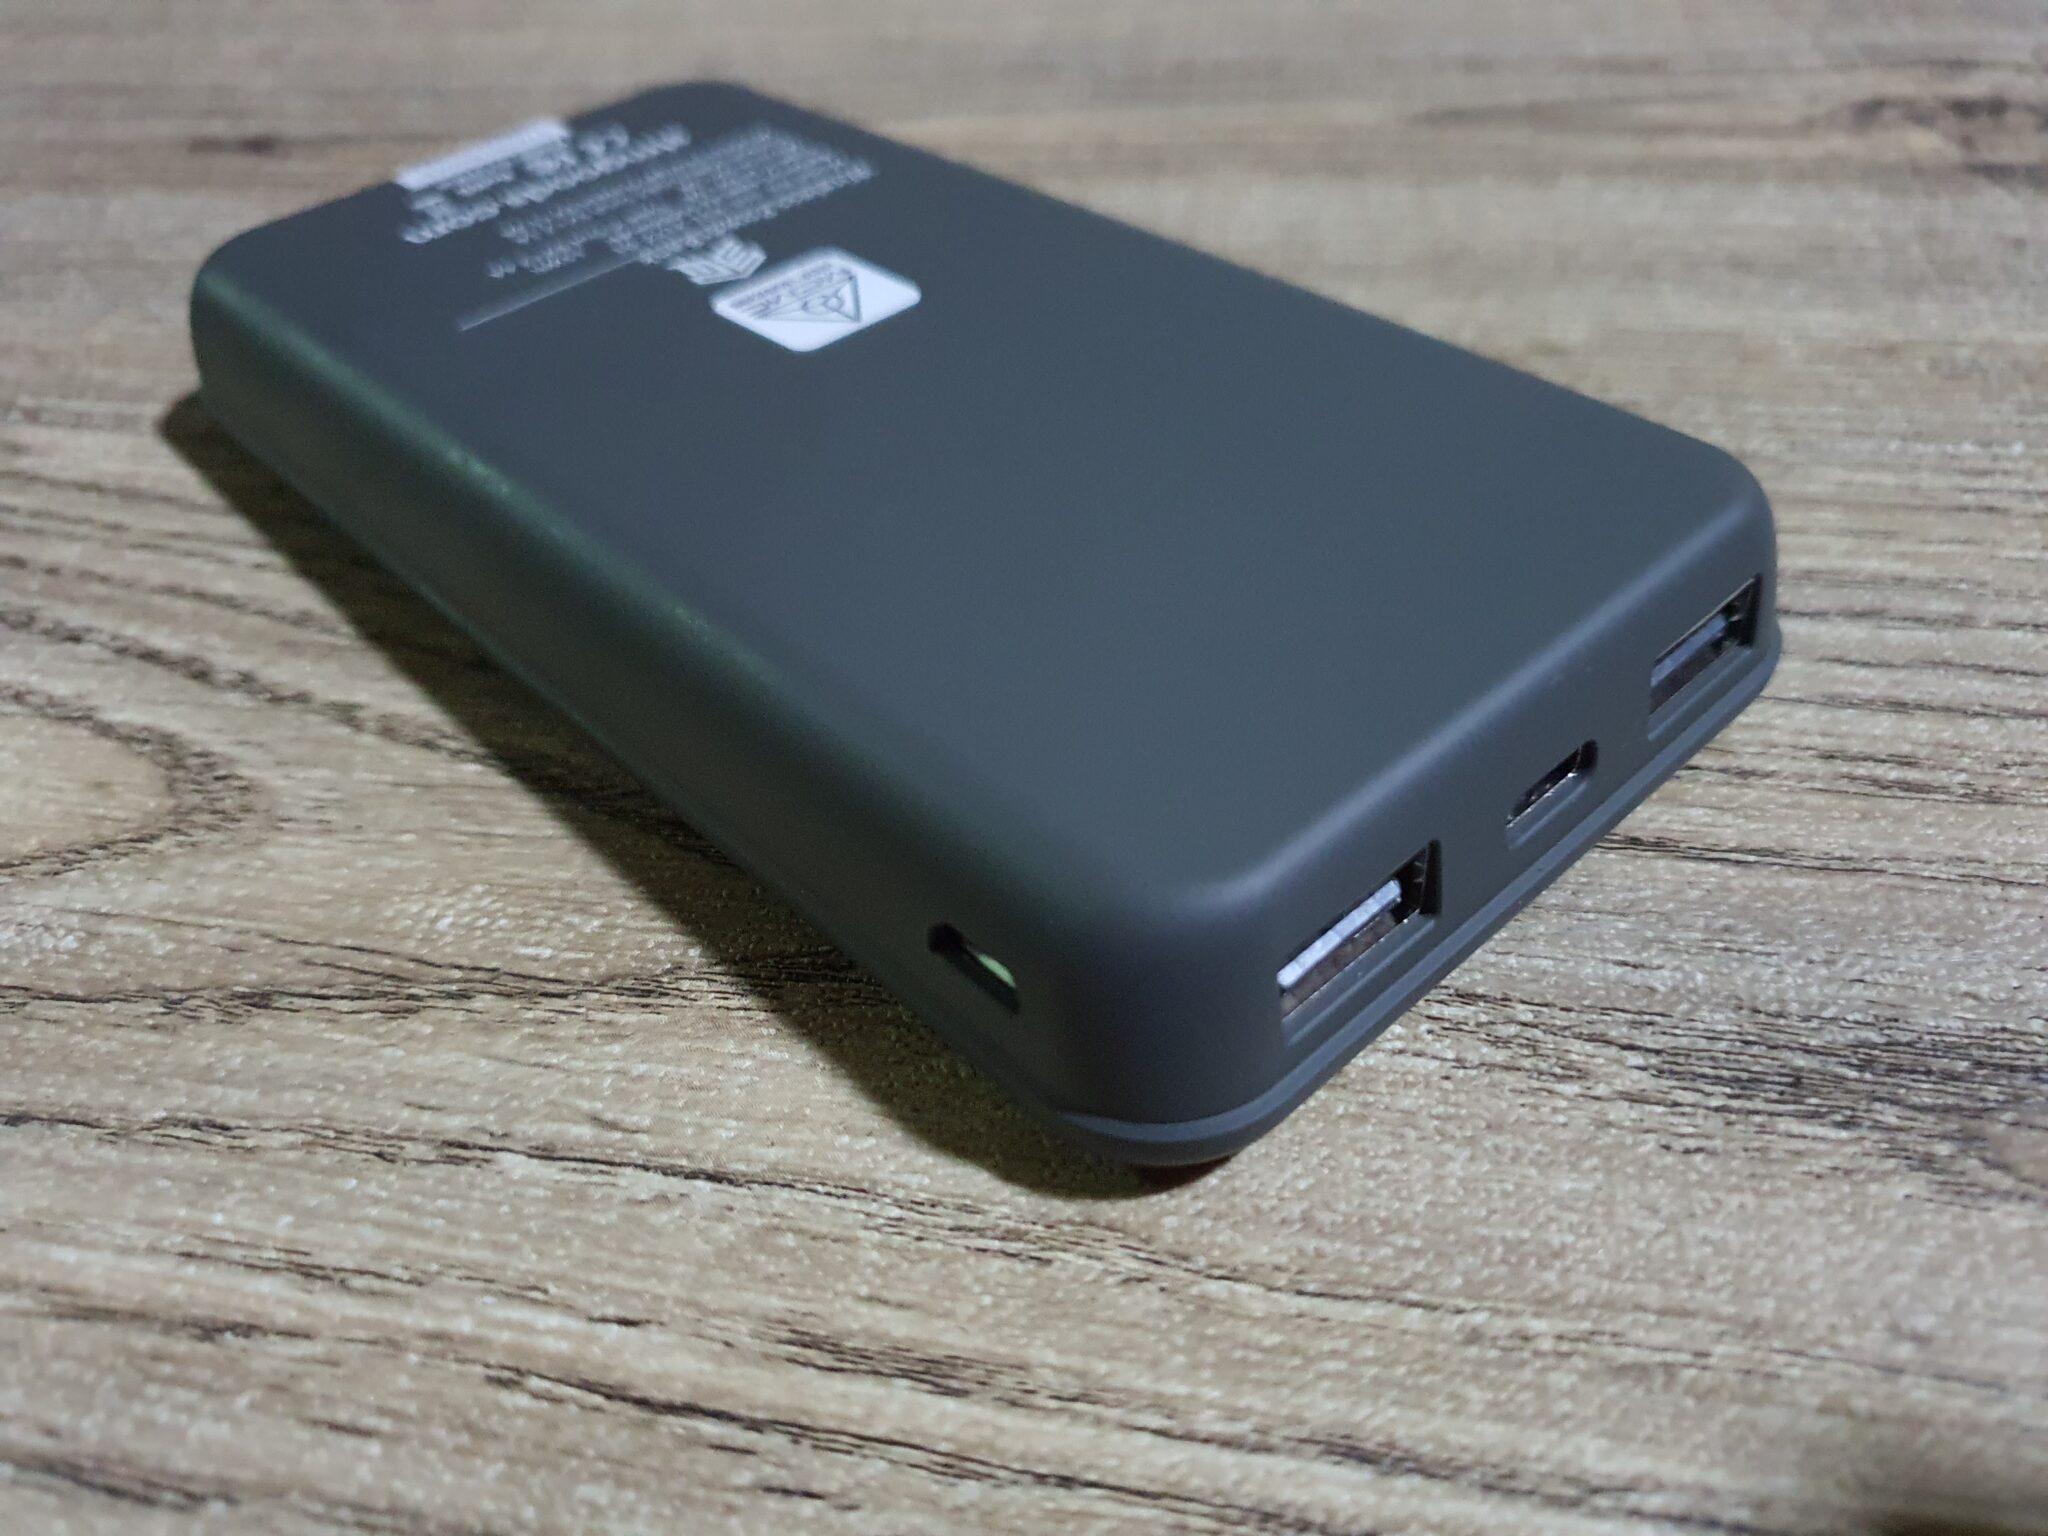 STM Wireless Powerbank angled